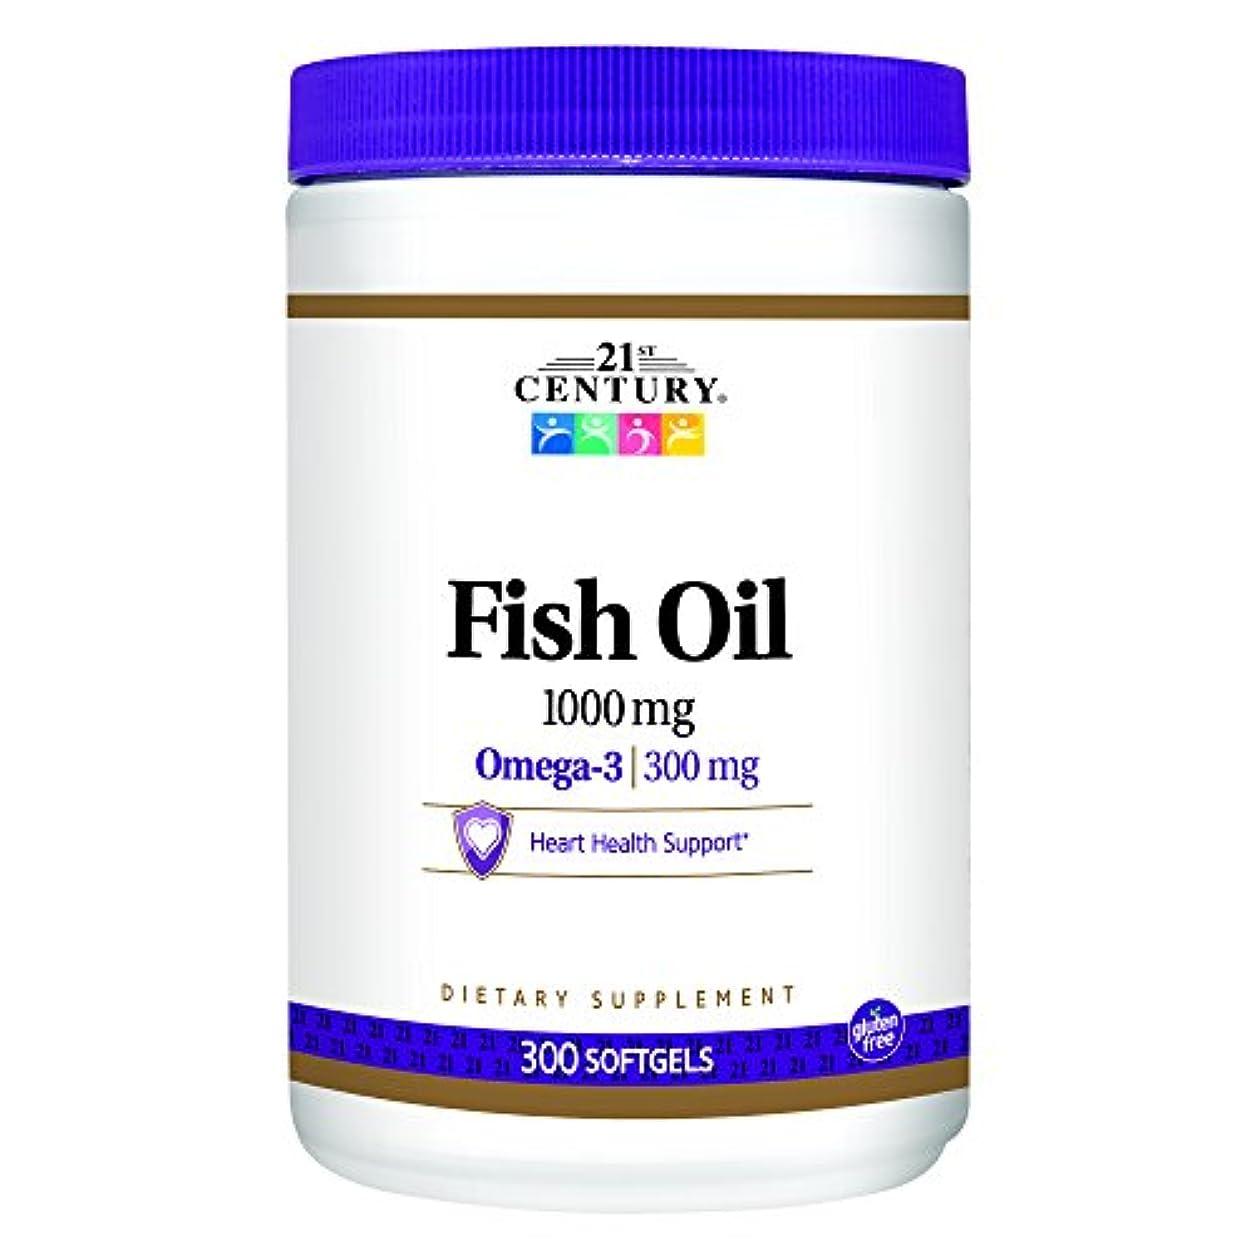 アプト振りかける嵐21st Century Health Care, Fish Oil, Omega-3, 1000 mg, 300 Softgels